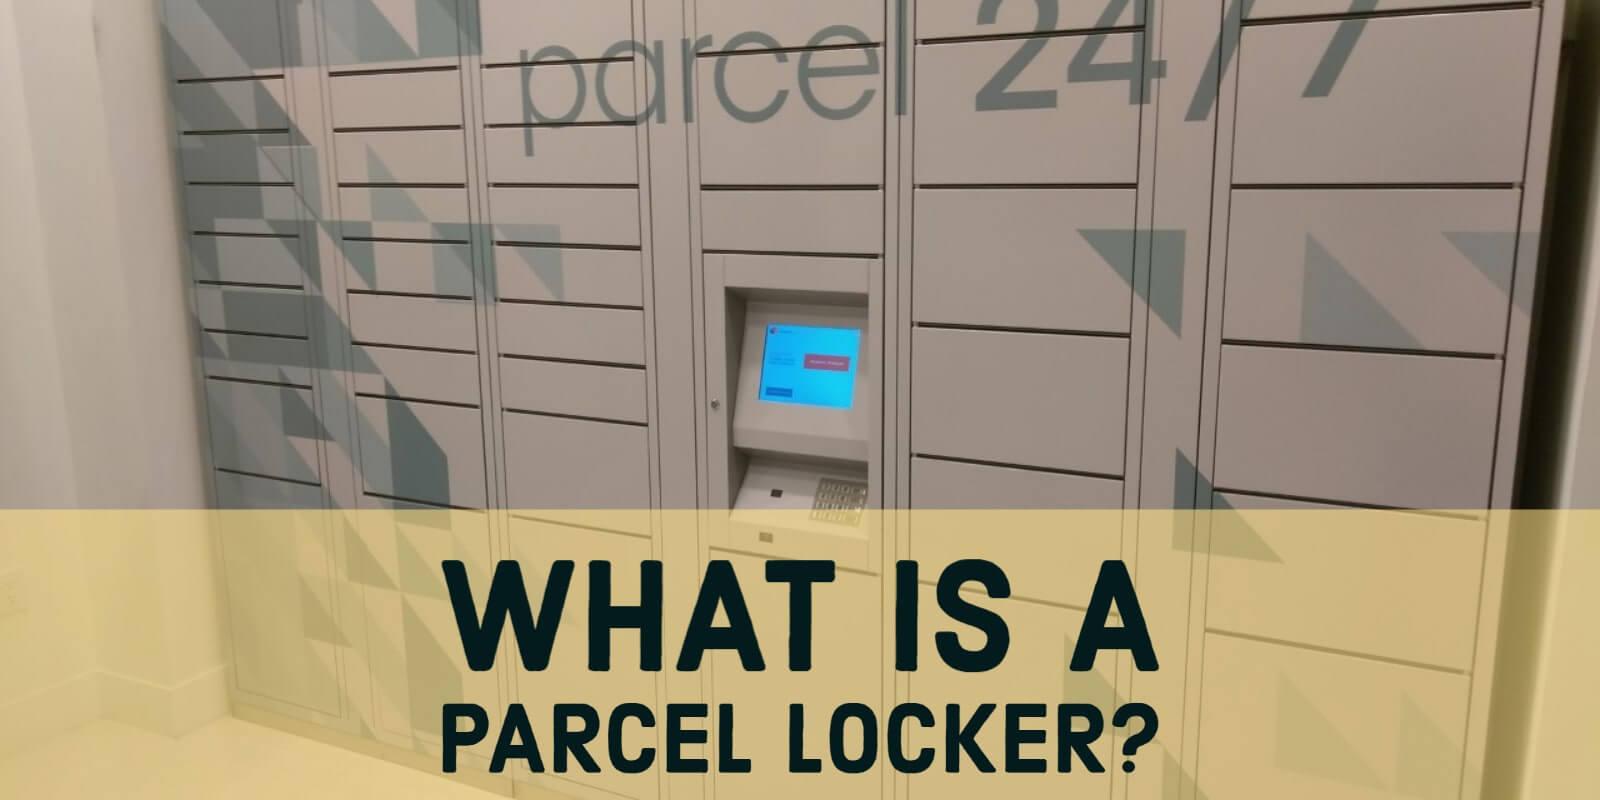 What is a Parcel Locker